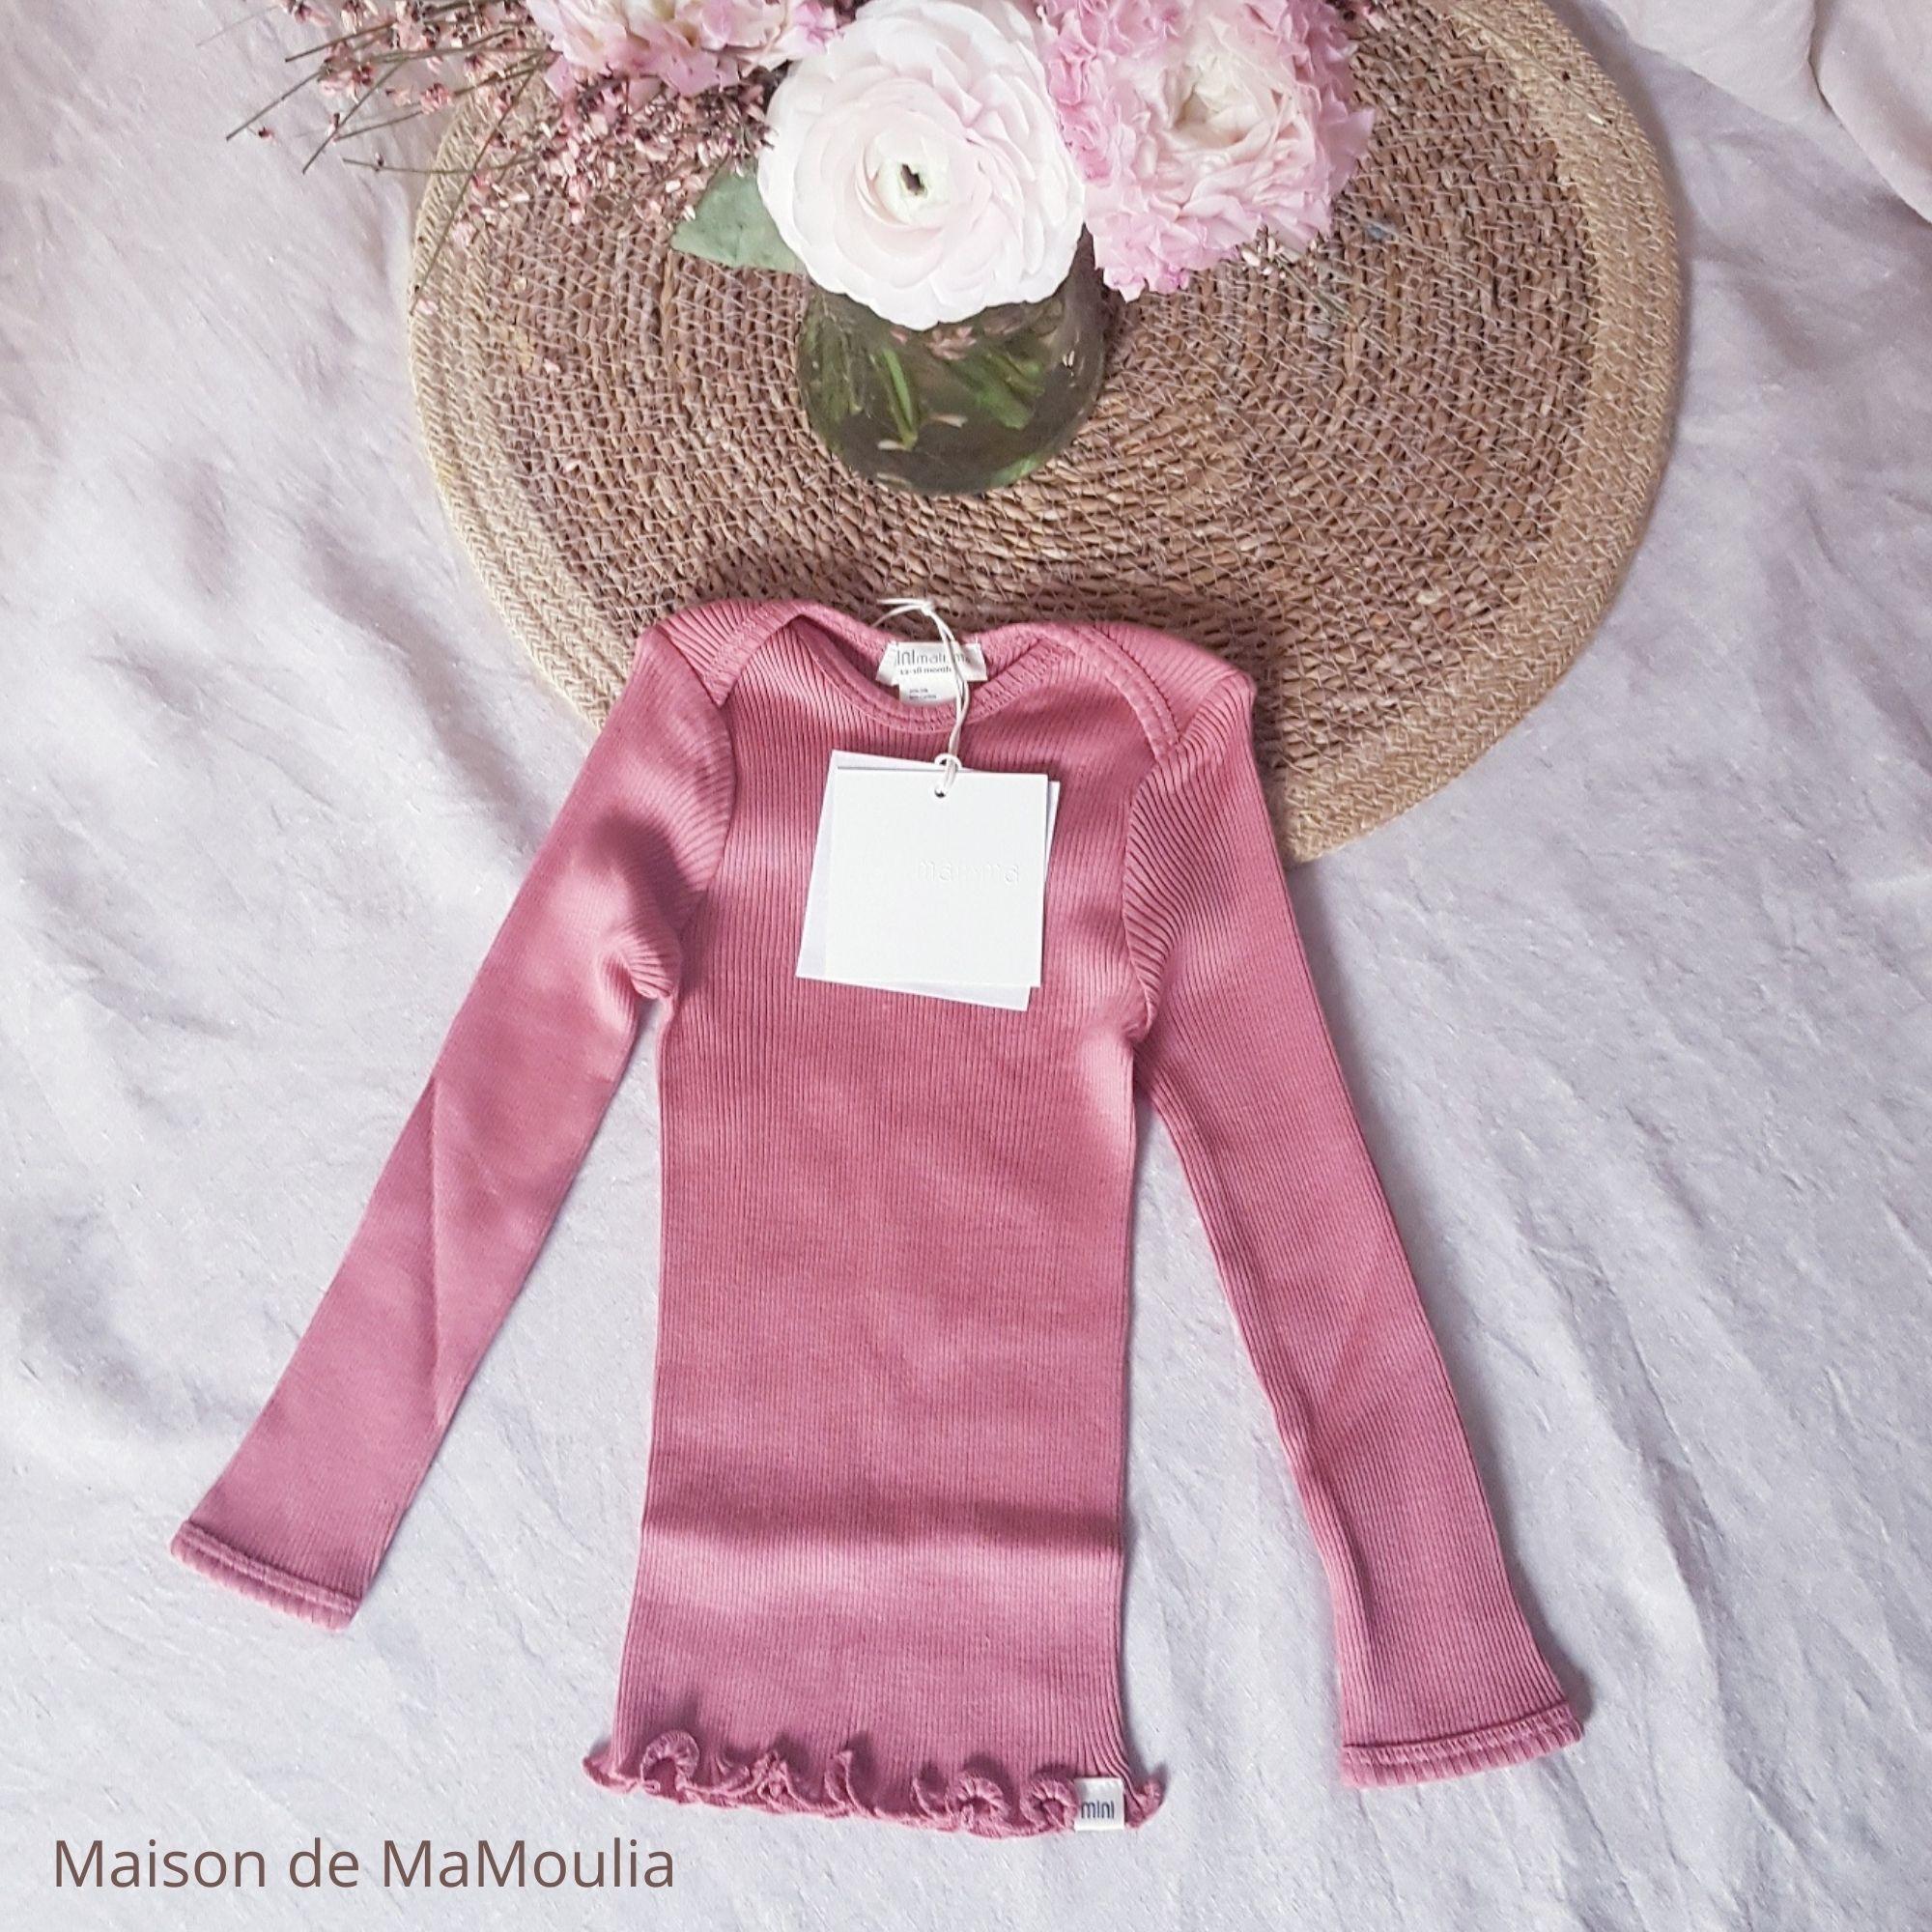 MINIMALISMA - T-shirt bébé - Soie 70% / coton 30% - Belfast - Antique red